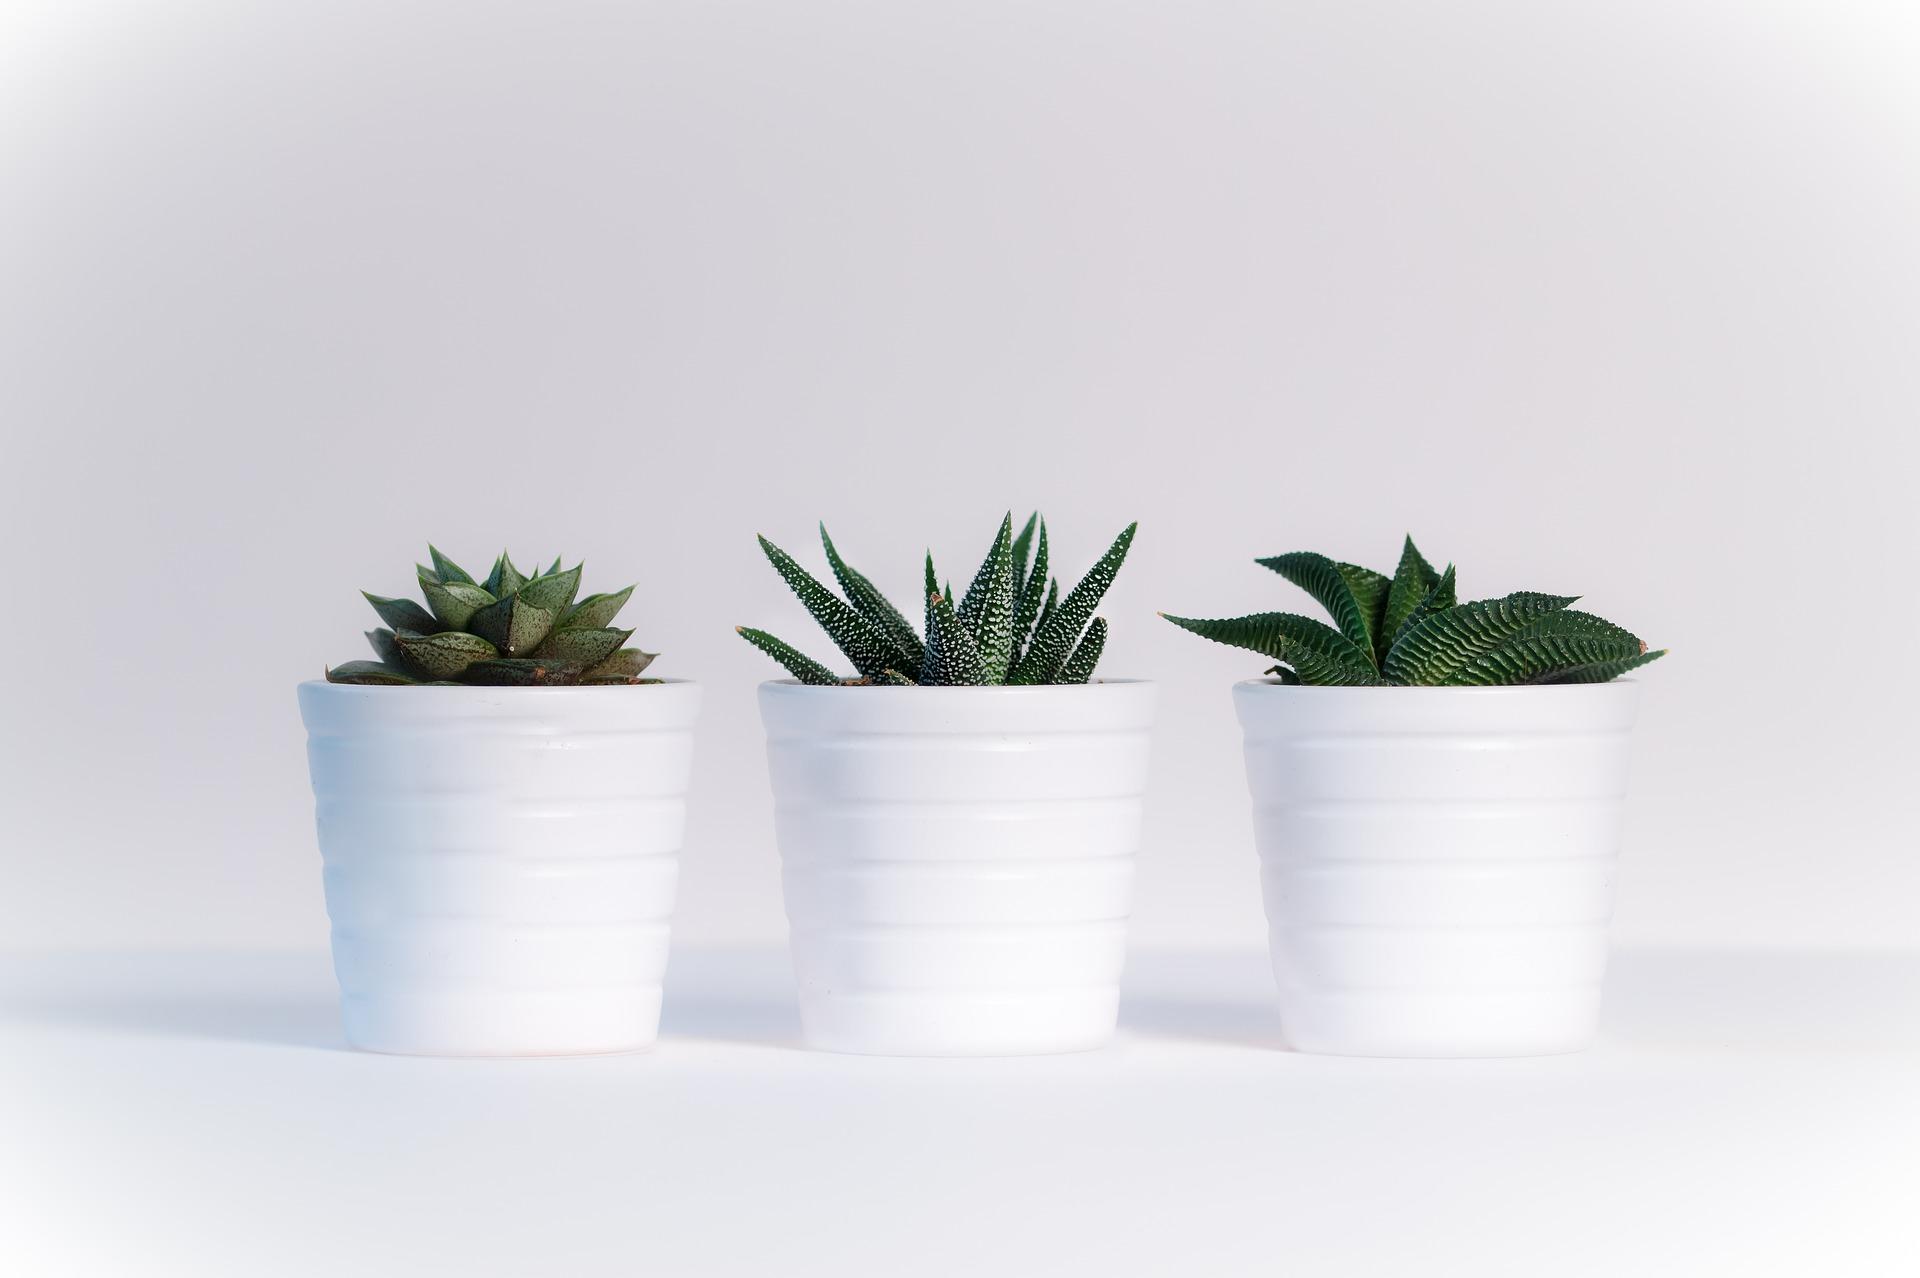 Białe Kwiaty Doniczkowe Jakie Można Znaleźć W Sprzedaży